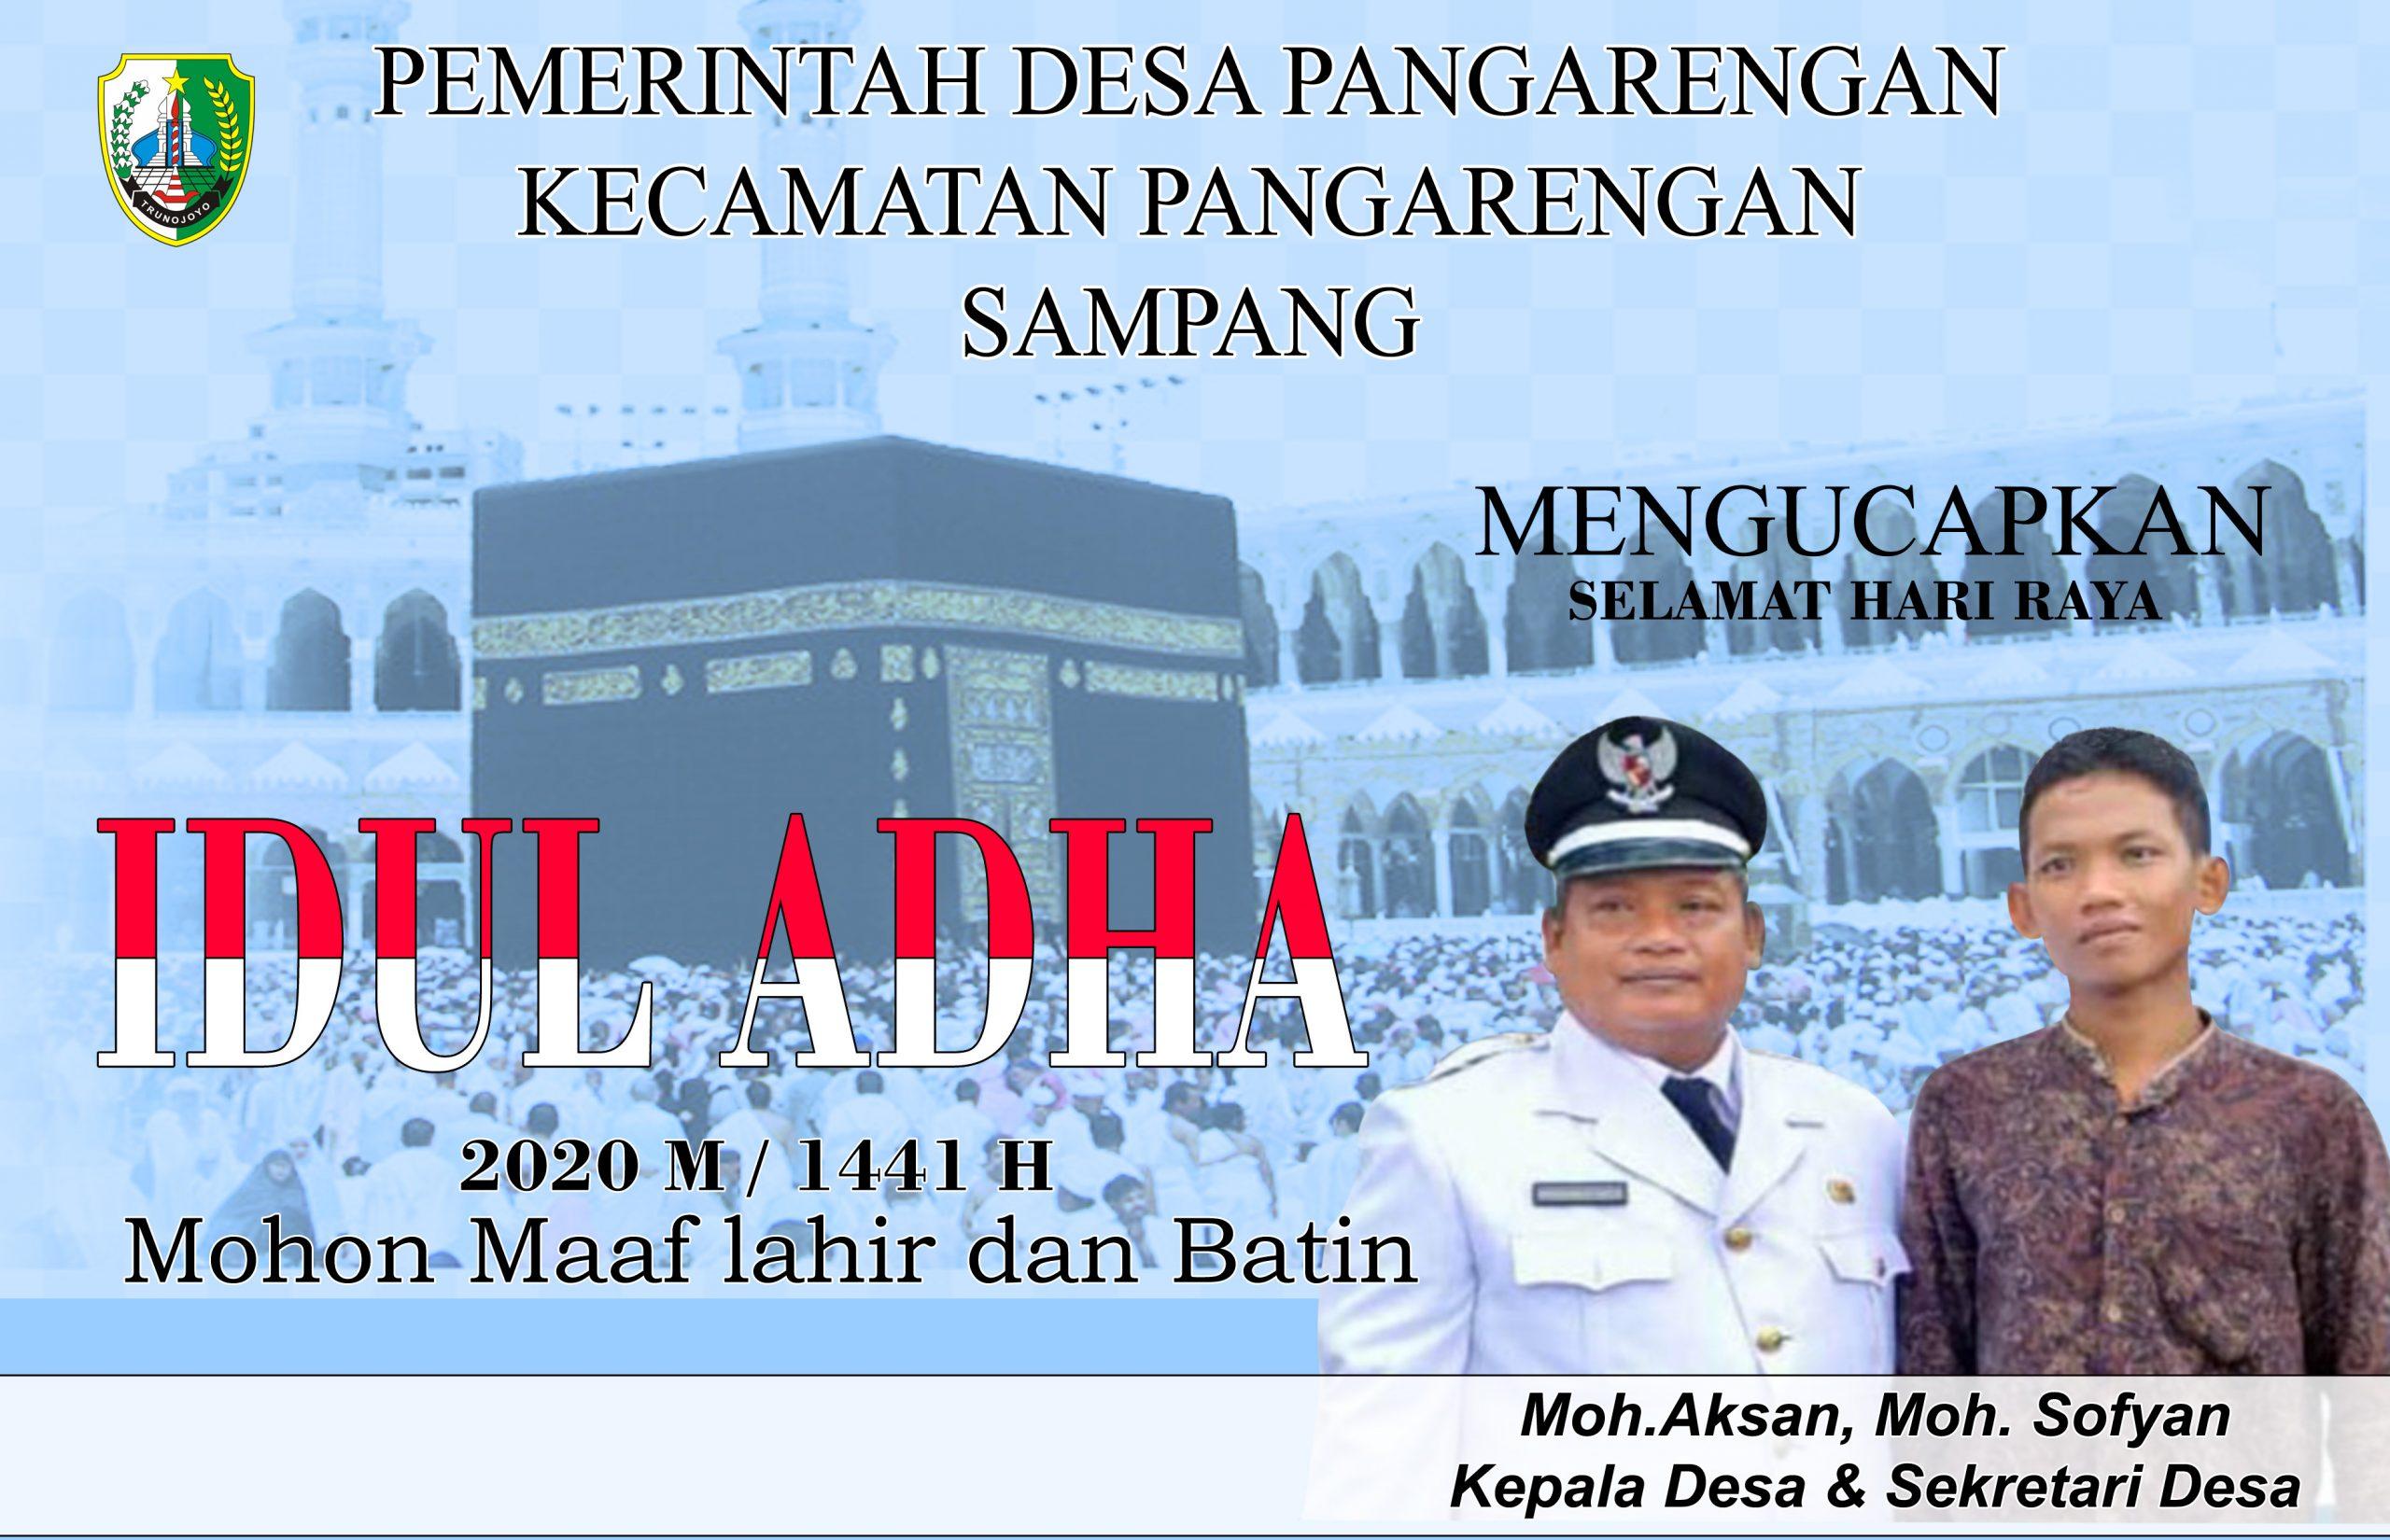 Pemdes Pangarengan Sampang Mengucapkan Selamat Hari Raya Idul Adha 1441 H